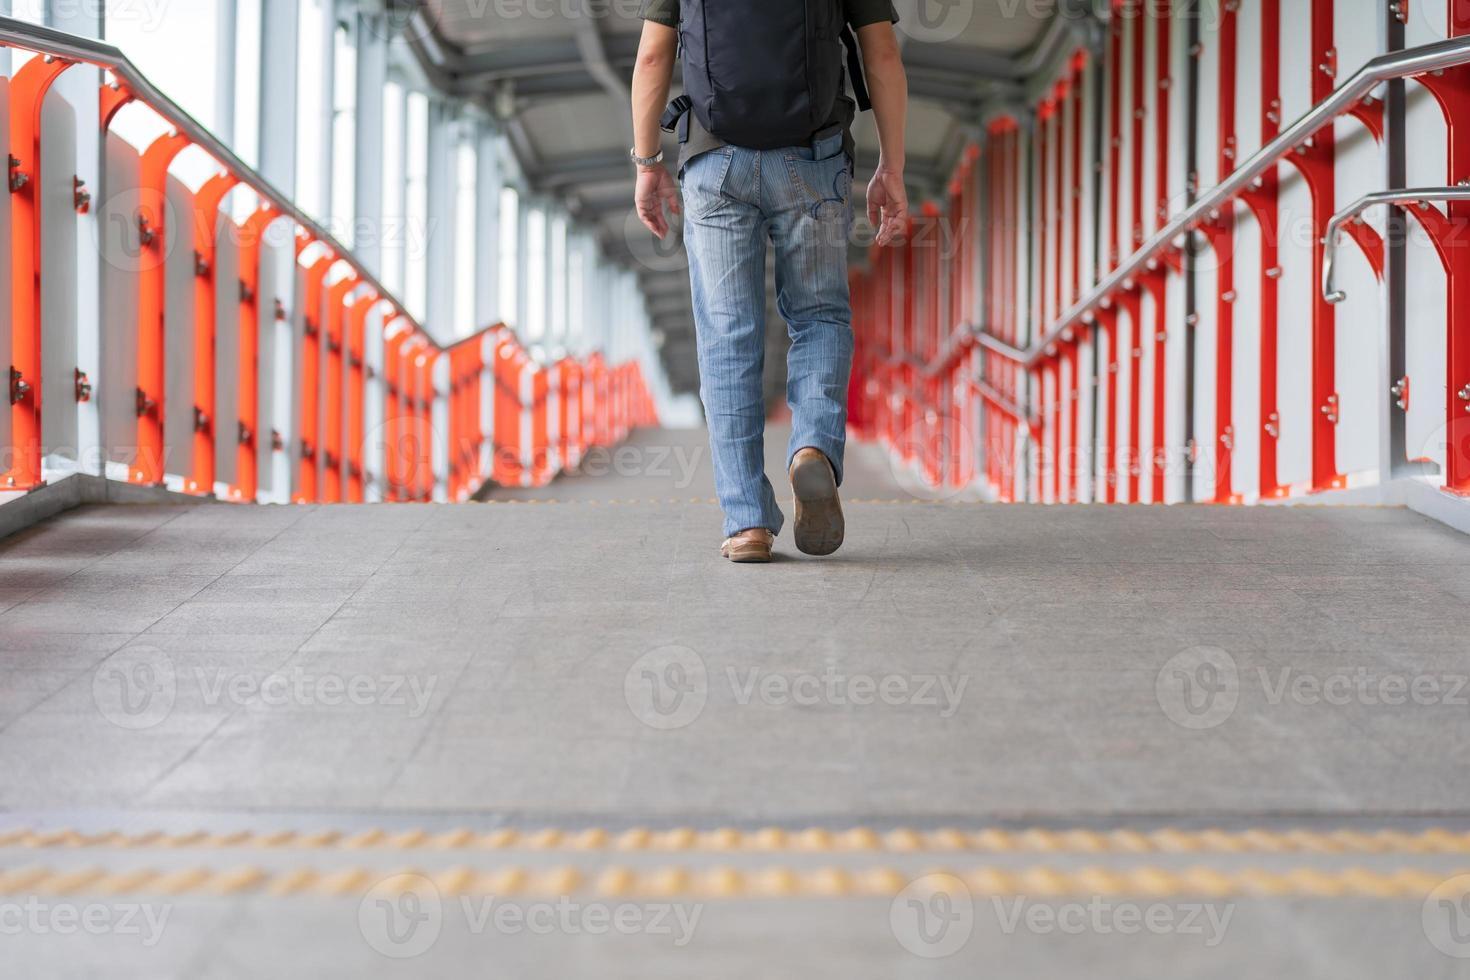 homem andando na cidade foto